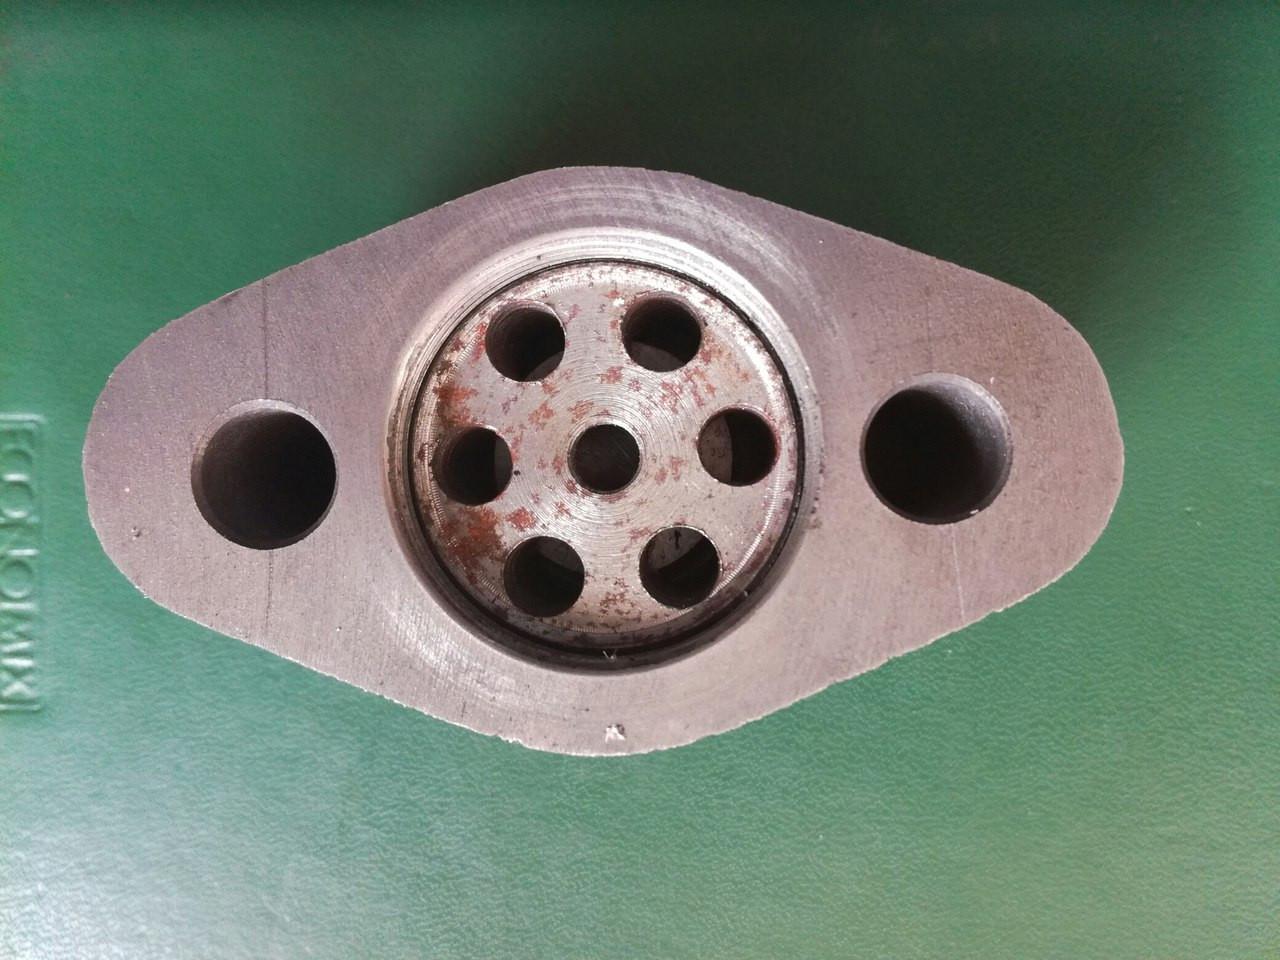 Клапан обратный компрессора СО-7Б,У43102а,ПК 1.75,ПК 3.5,ГСВ - Юг-Агро в Мелитополе